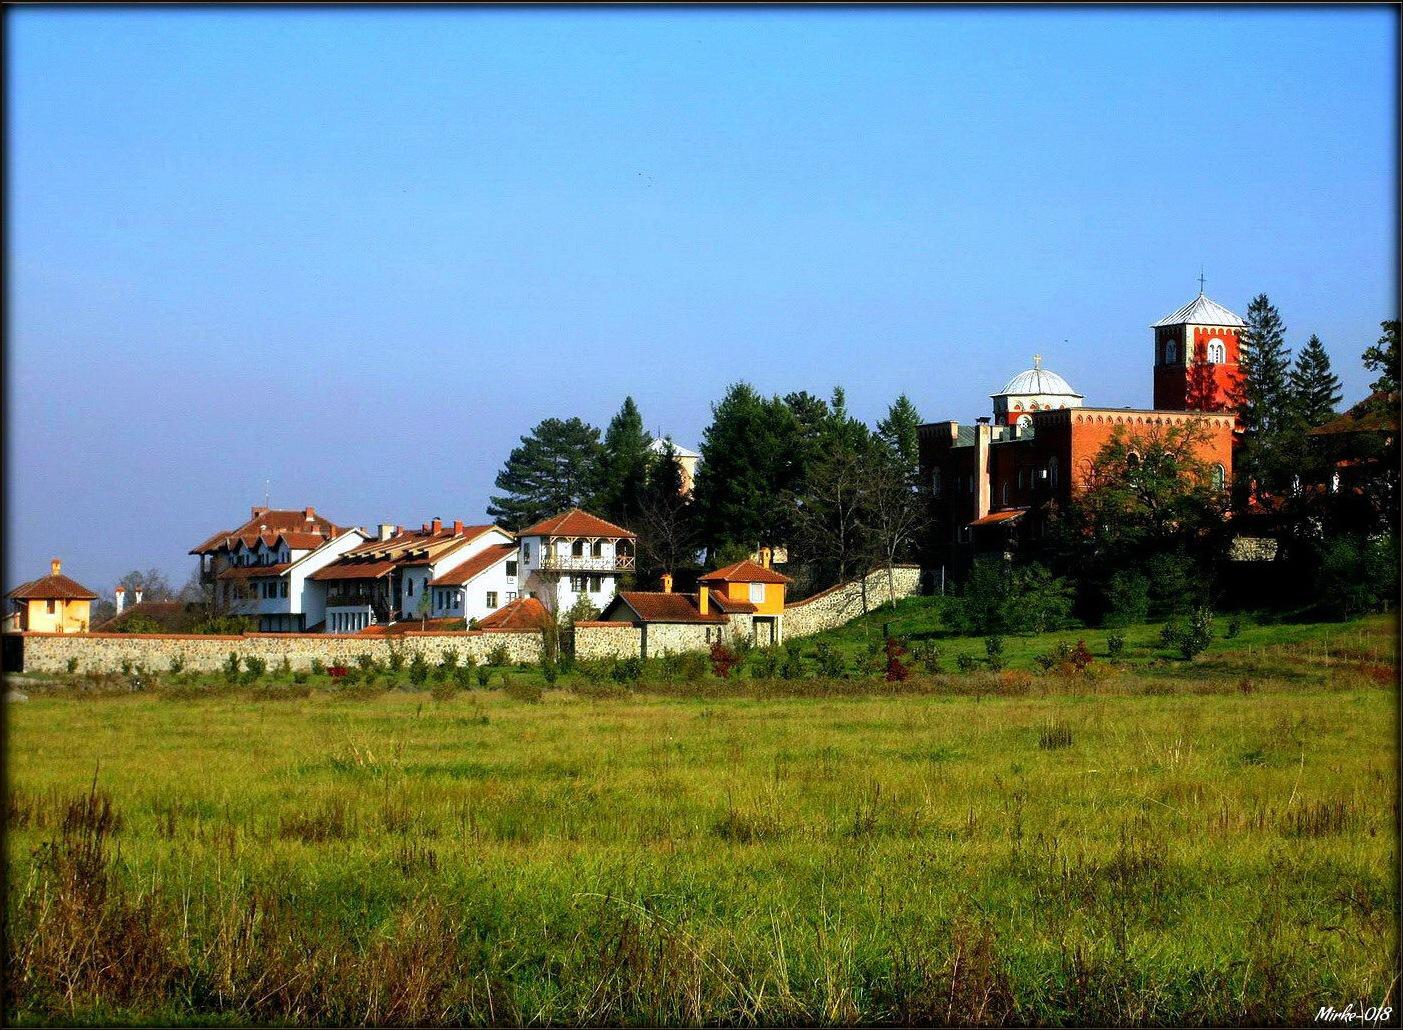 Манастир Жича / Monastery Žiča (XIII) by Јовица М